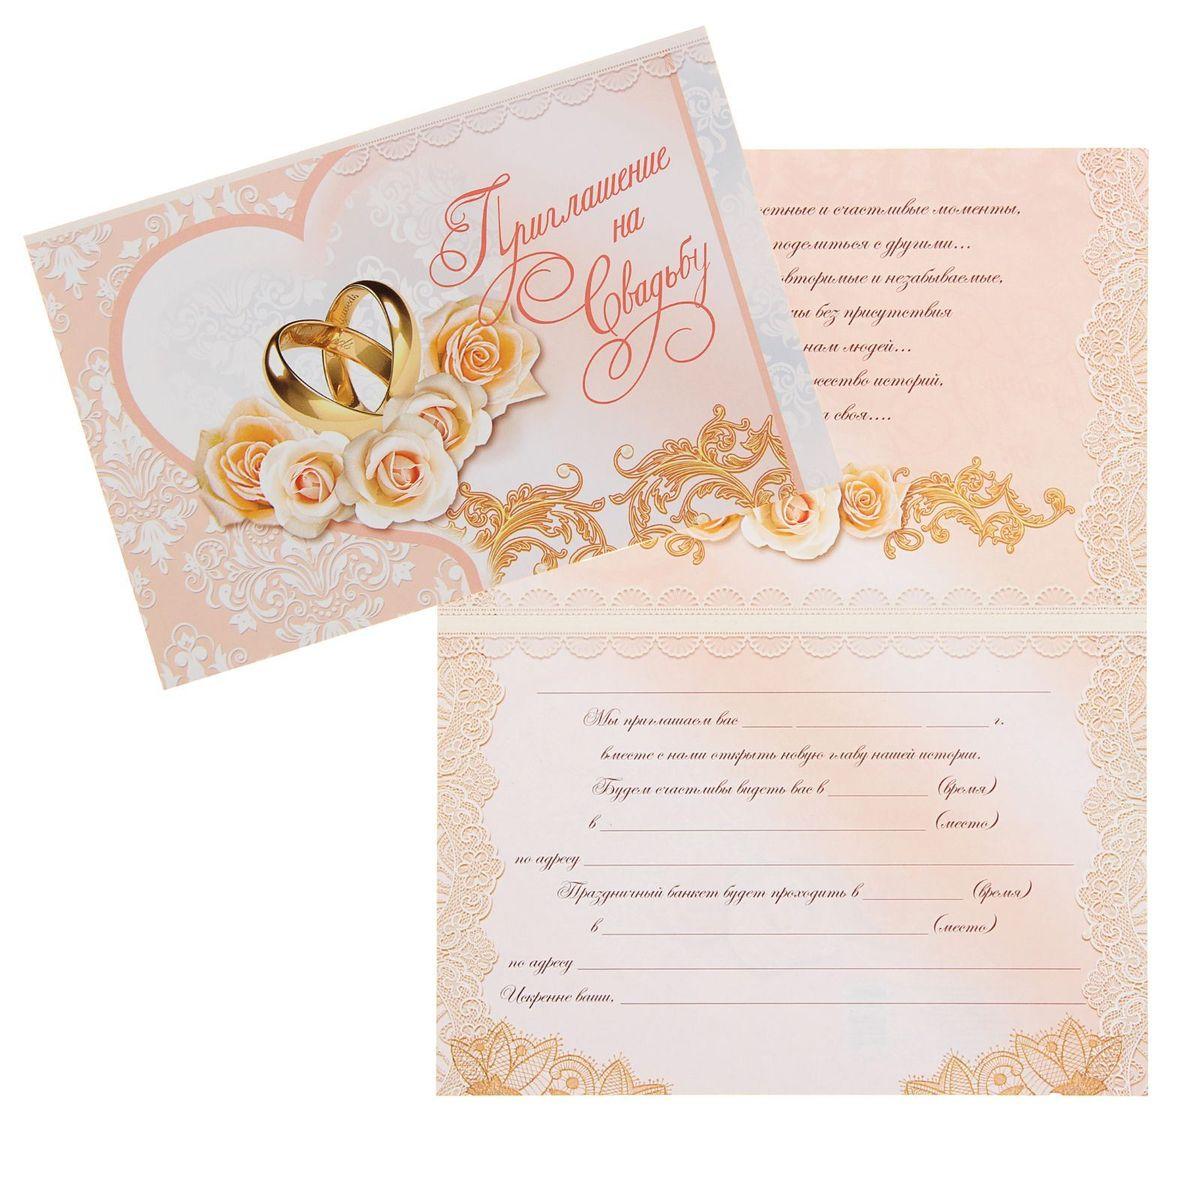 Приглашение на свадьбу Sima-land Кольца, 18 х 12 см1333774Свадьба — одно из главных событий в жизни каждого человека. Для идеального торжества необходимо продумать каждую мелочь. Родным и близким будет приятно получить индивидуальную красивую открытку с эксклюзивным дизайном.